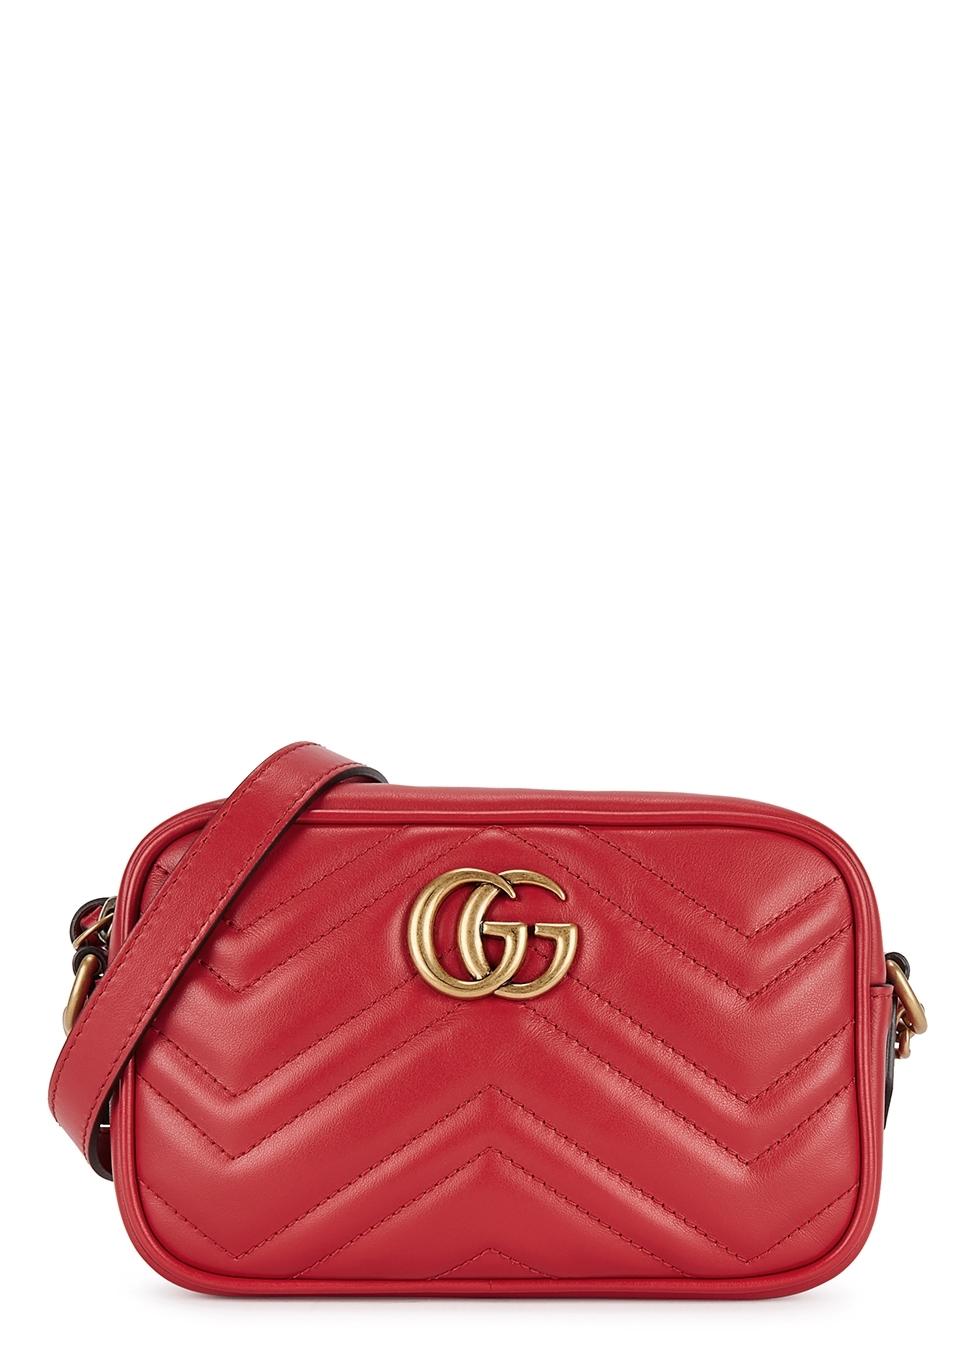 Women s Designer Bags b6dd934925453